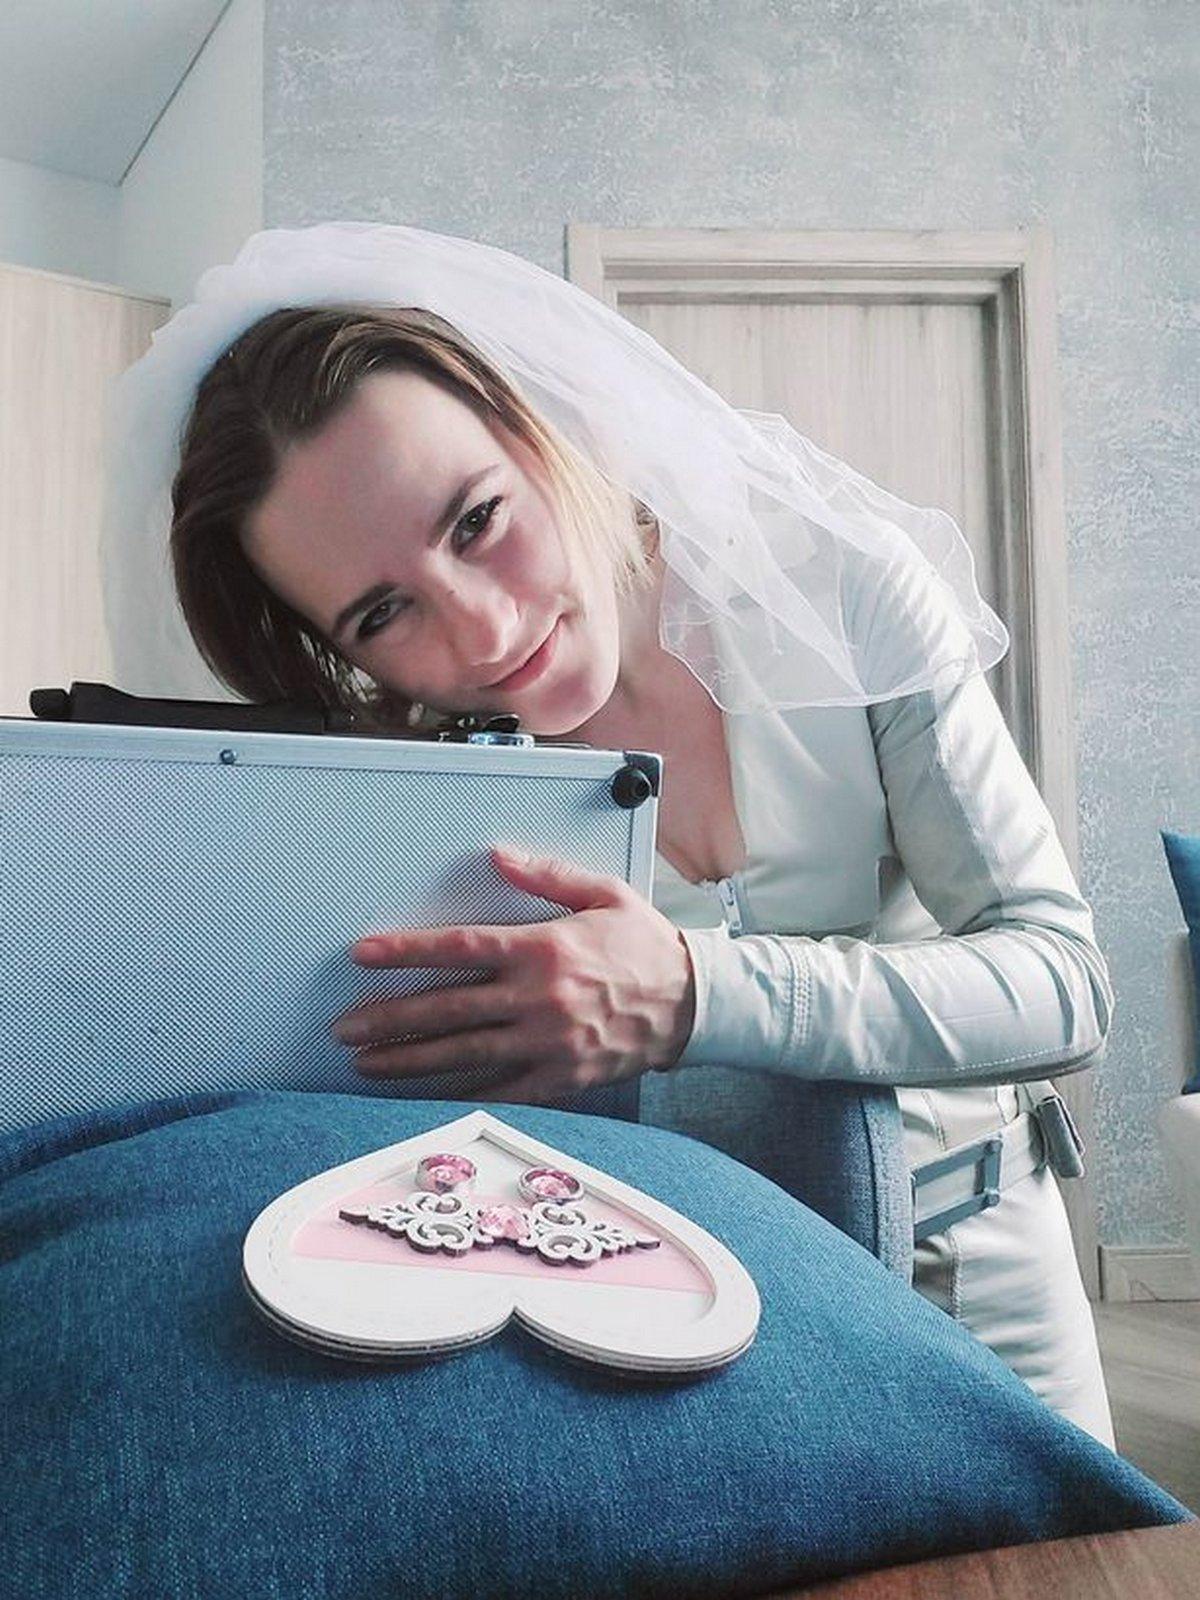 Cette femme qui est attirée sexuellement par les objets a épousé une mallette